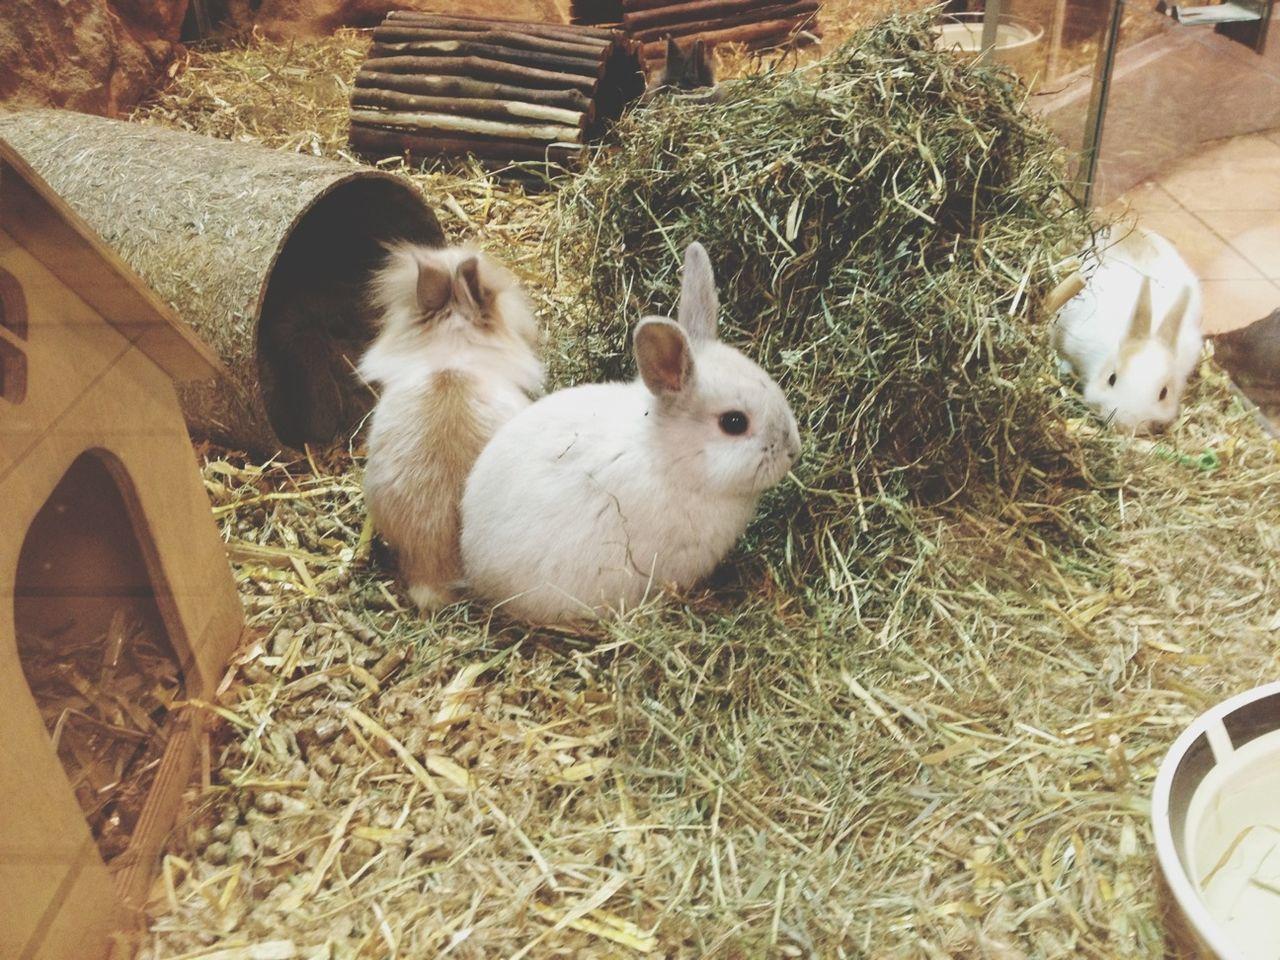 Close-up of three rabbits